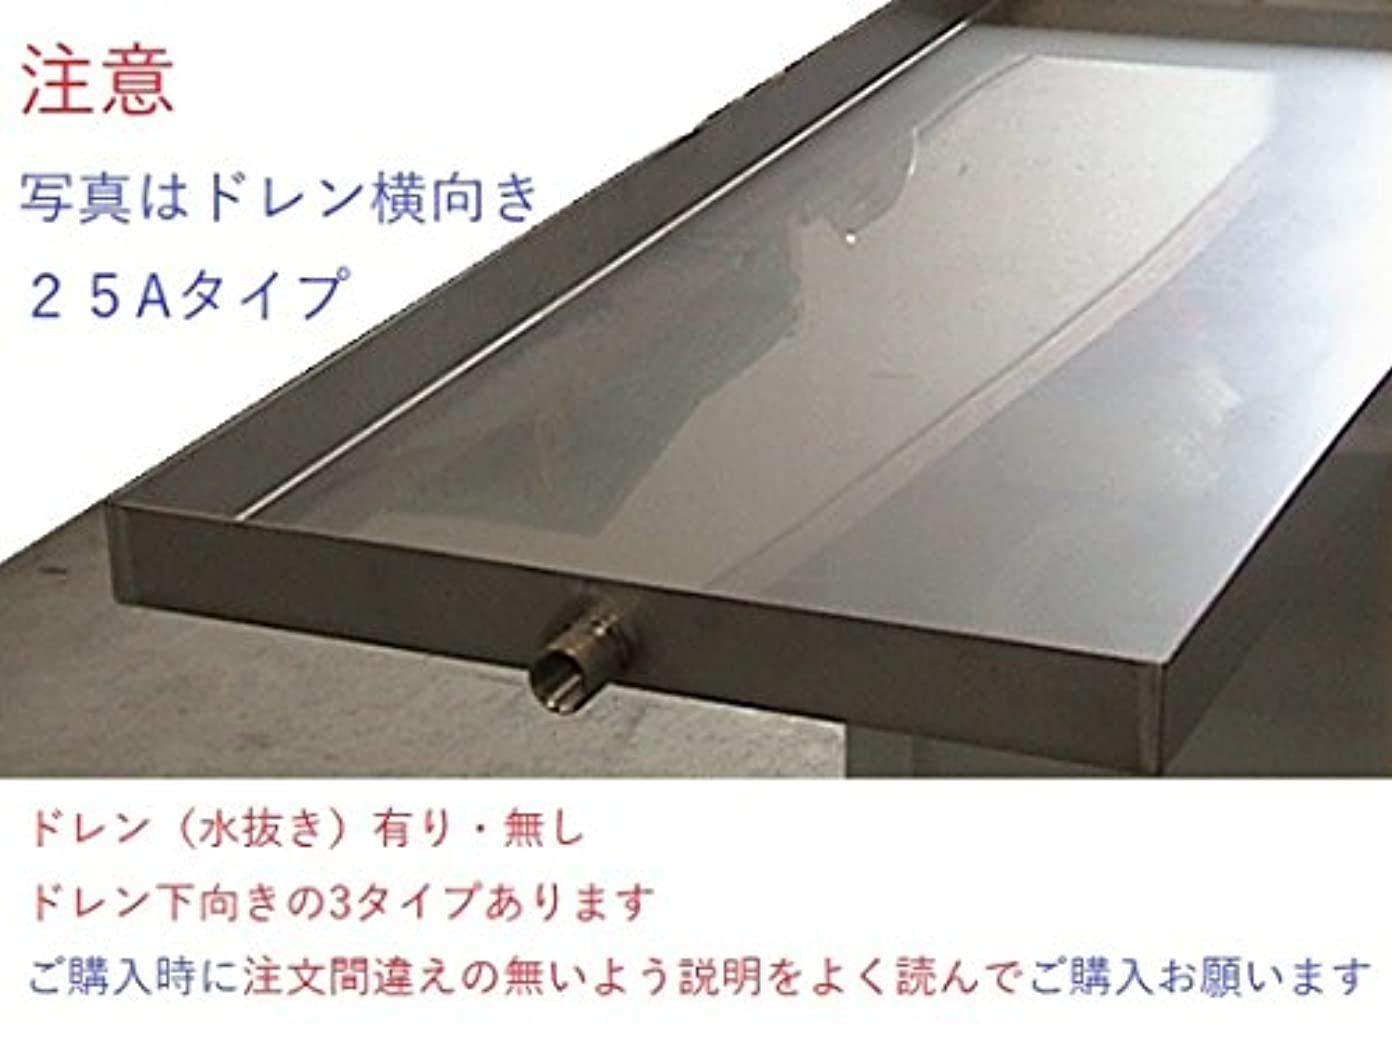 パブ途方もない嘆願ドレンパン 1400×200×50H SUS304 1.0t 2B 水抜きコック端